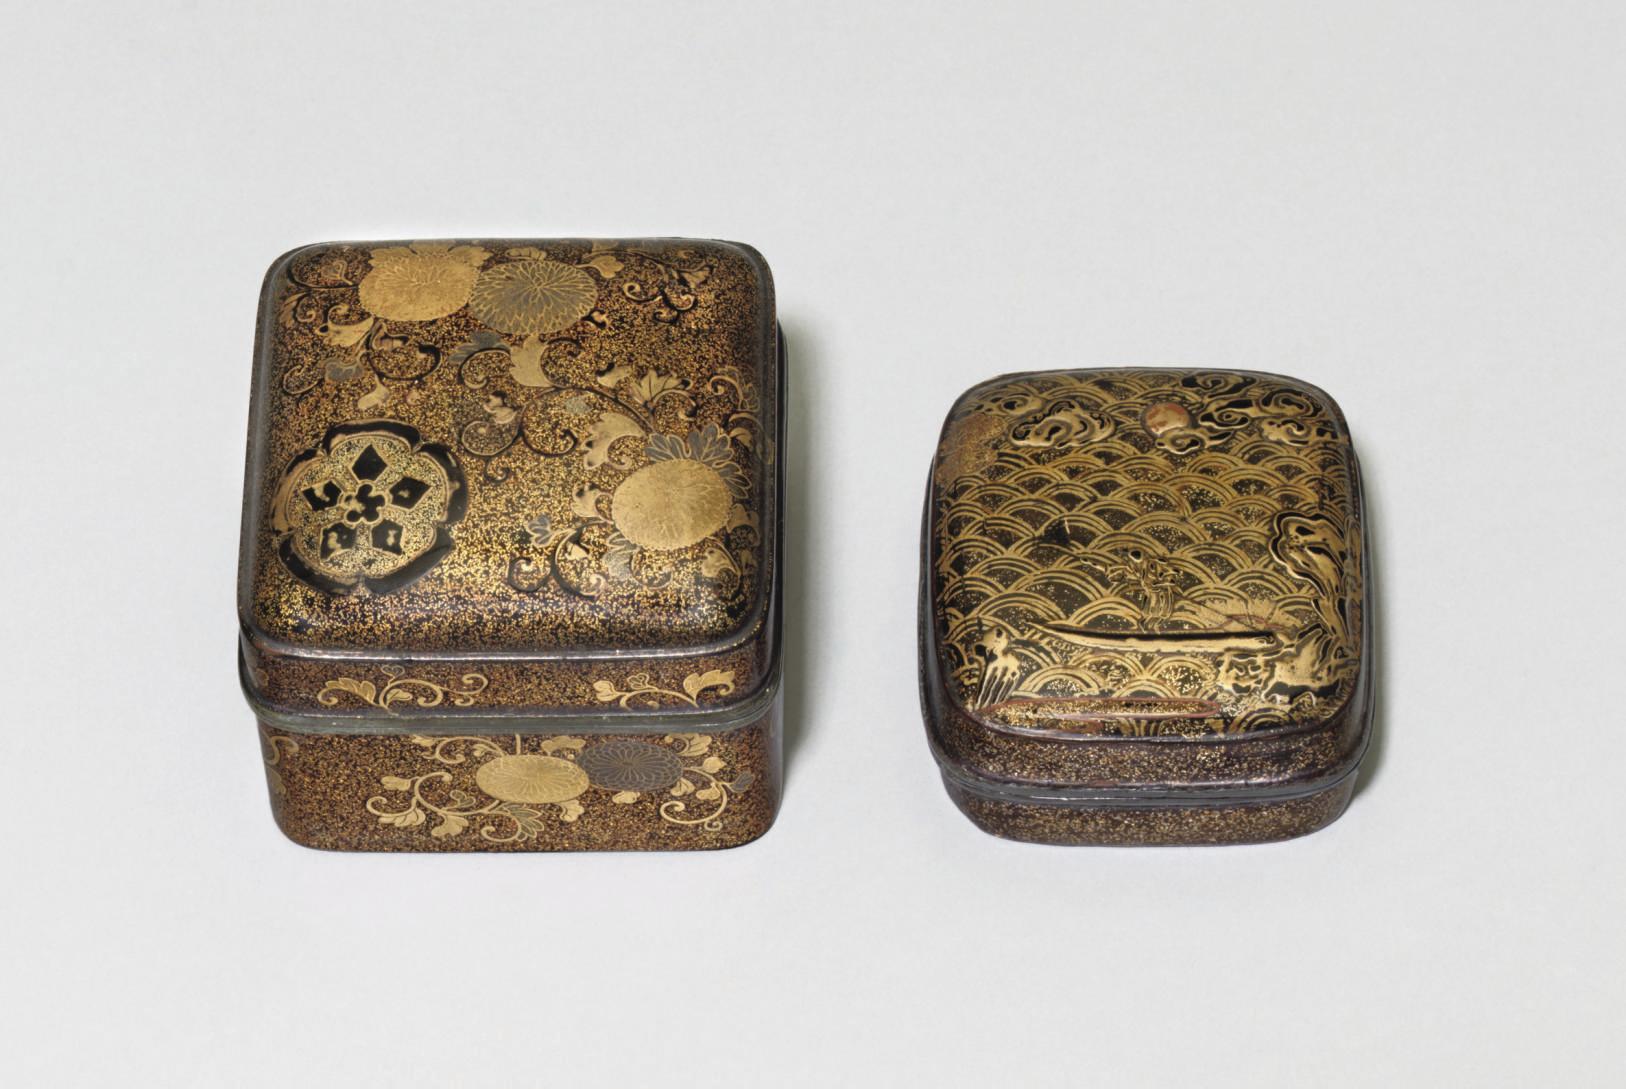 Two lacquer kobako [incense bo